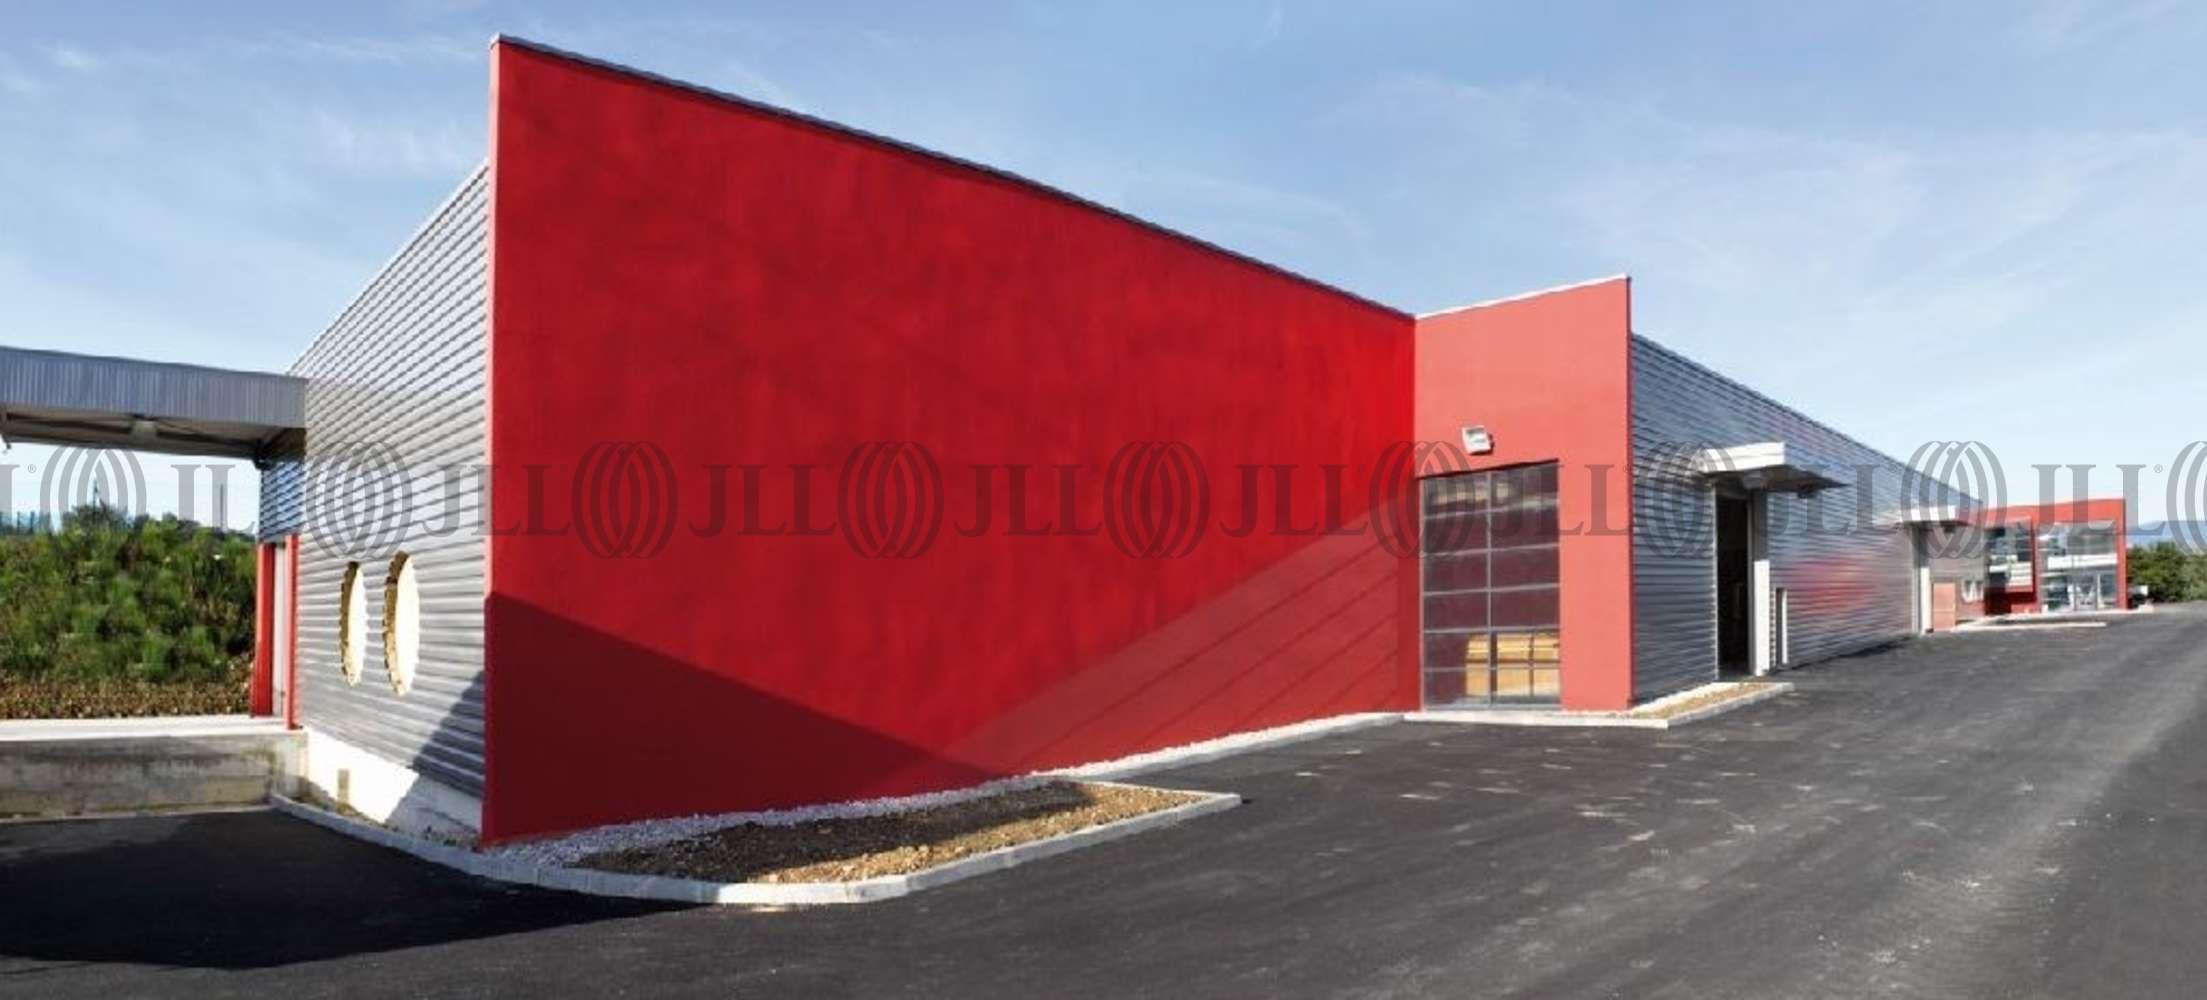 Activités/entrepôt Chasse sur rhone, 38670 - Achat / Location entrepot Lyon sud - 9886190